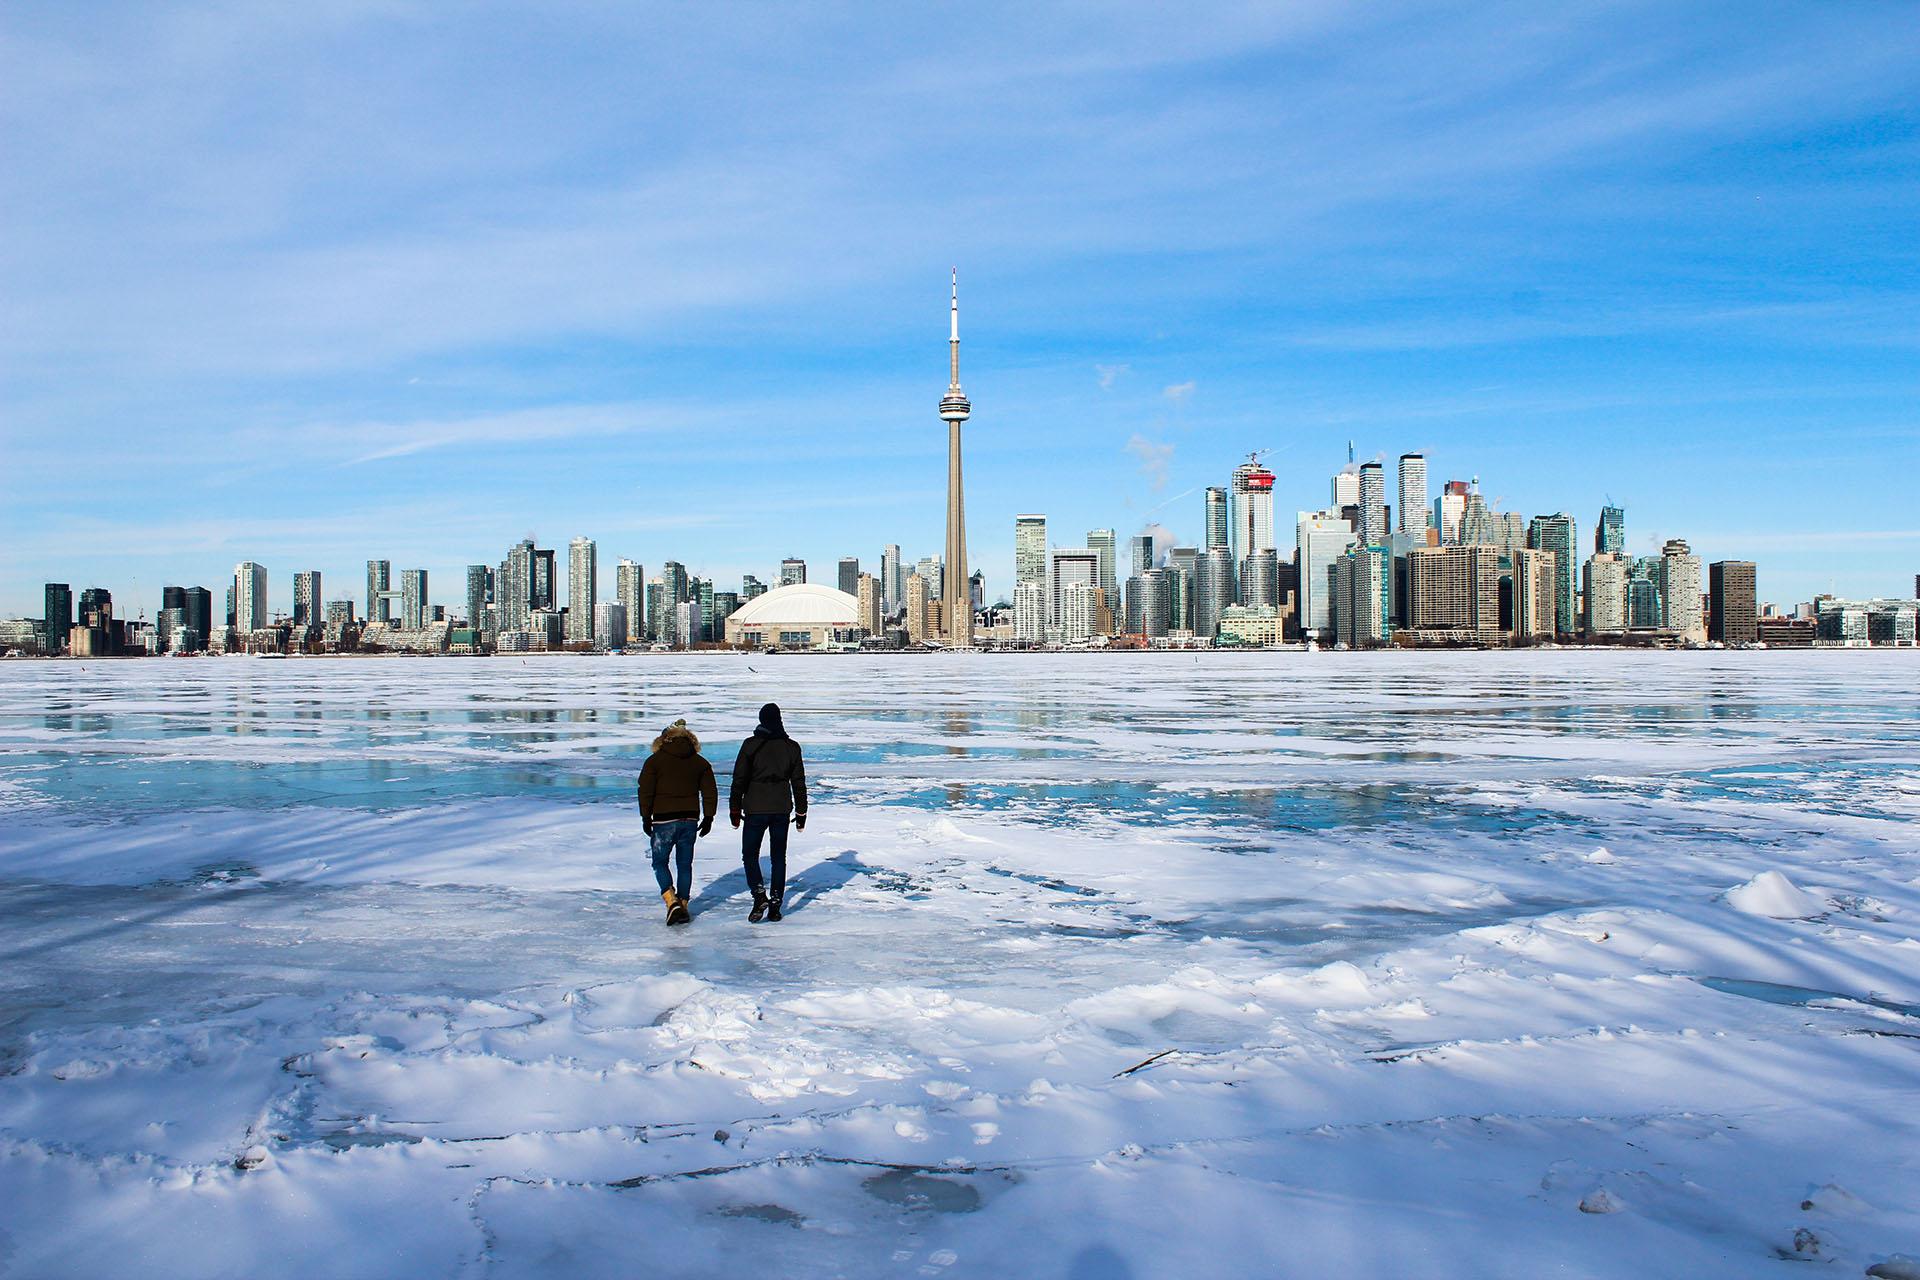 Intercâmbio em Toronto, Canadá, durante o inverno